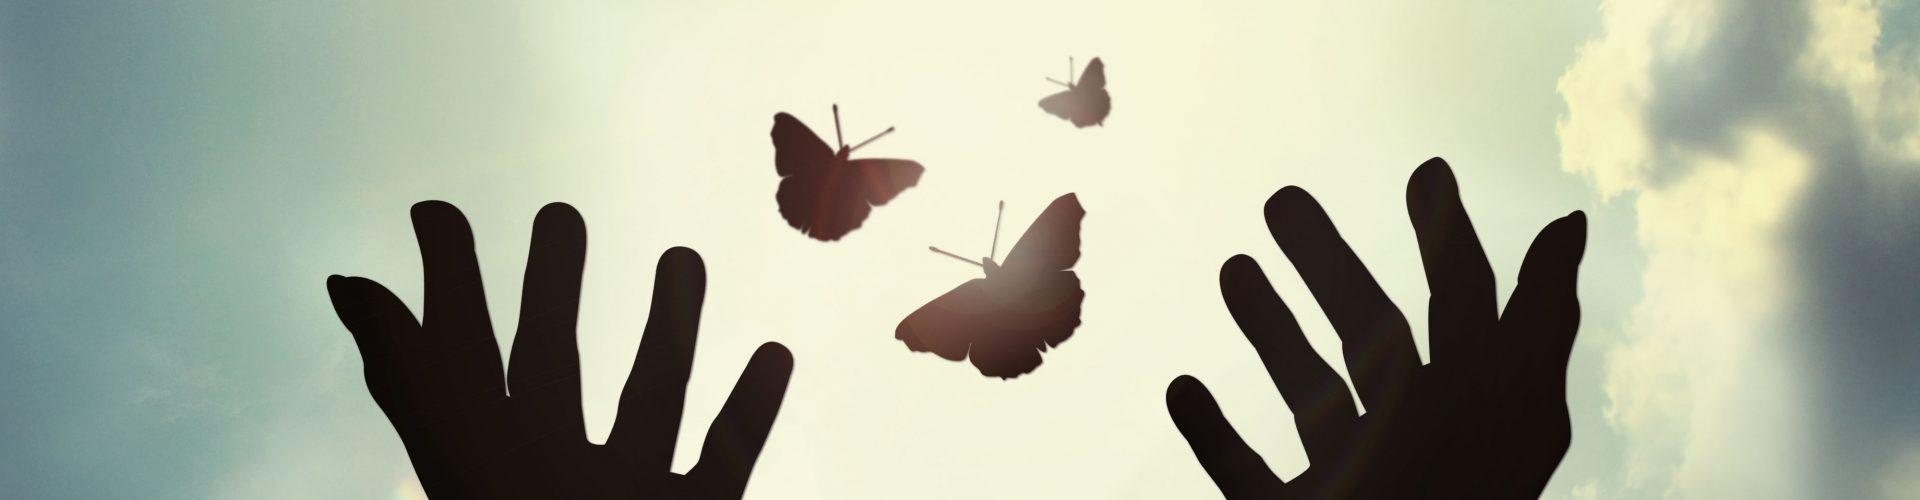 """""""A solidariedade é o sentimento que melhor expressa o respeito pela dignidade humana"""" Franz Kafka"""